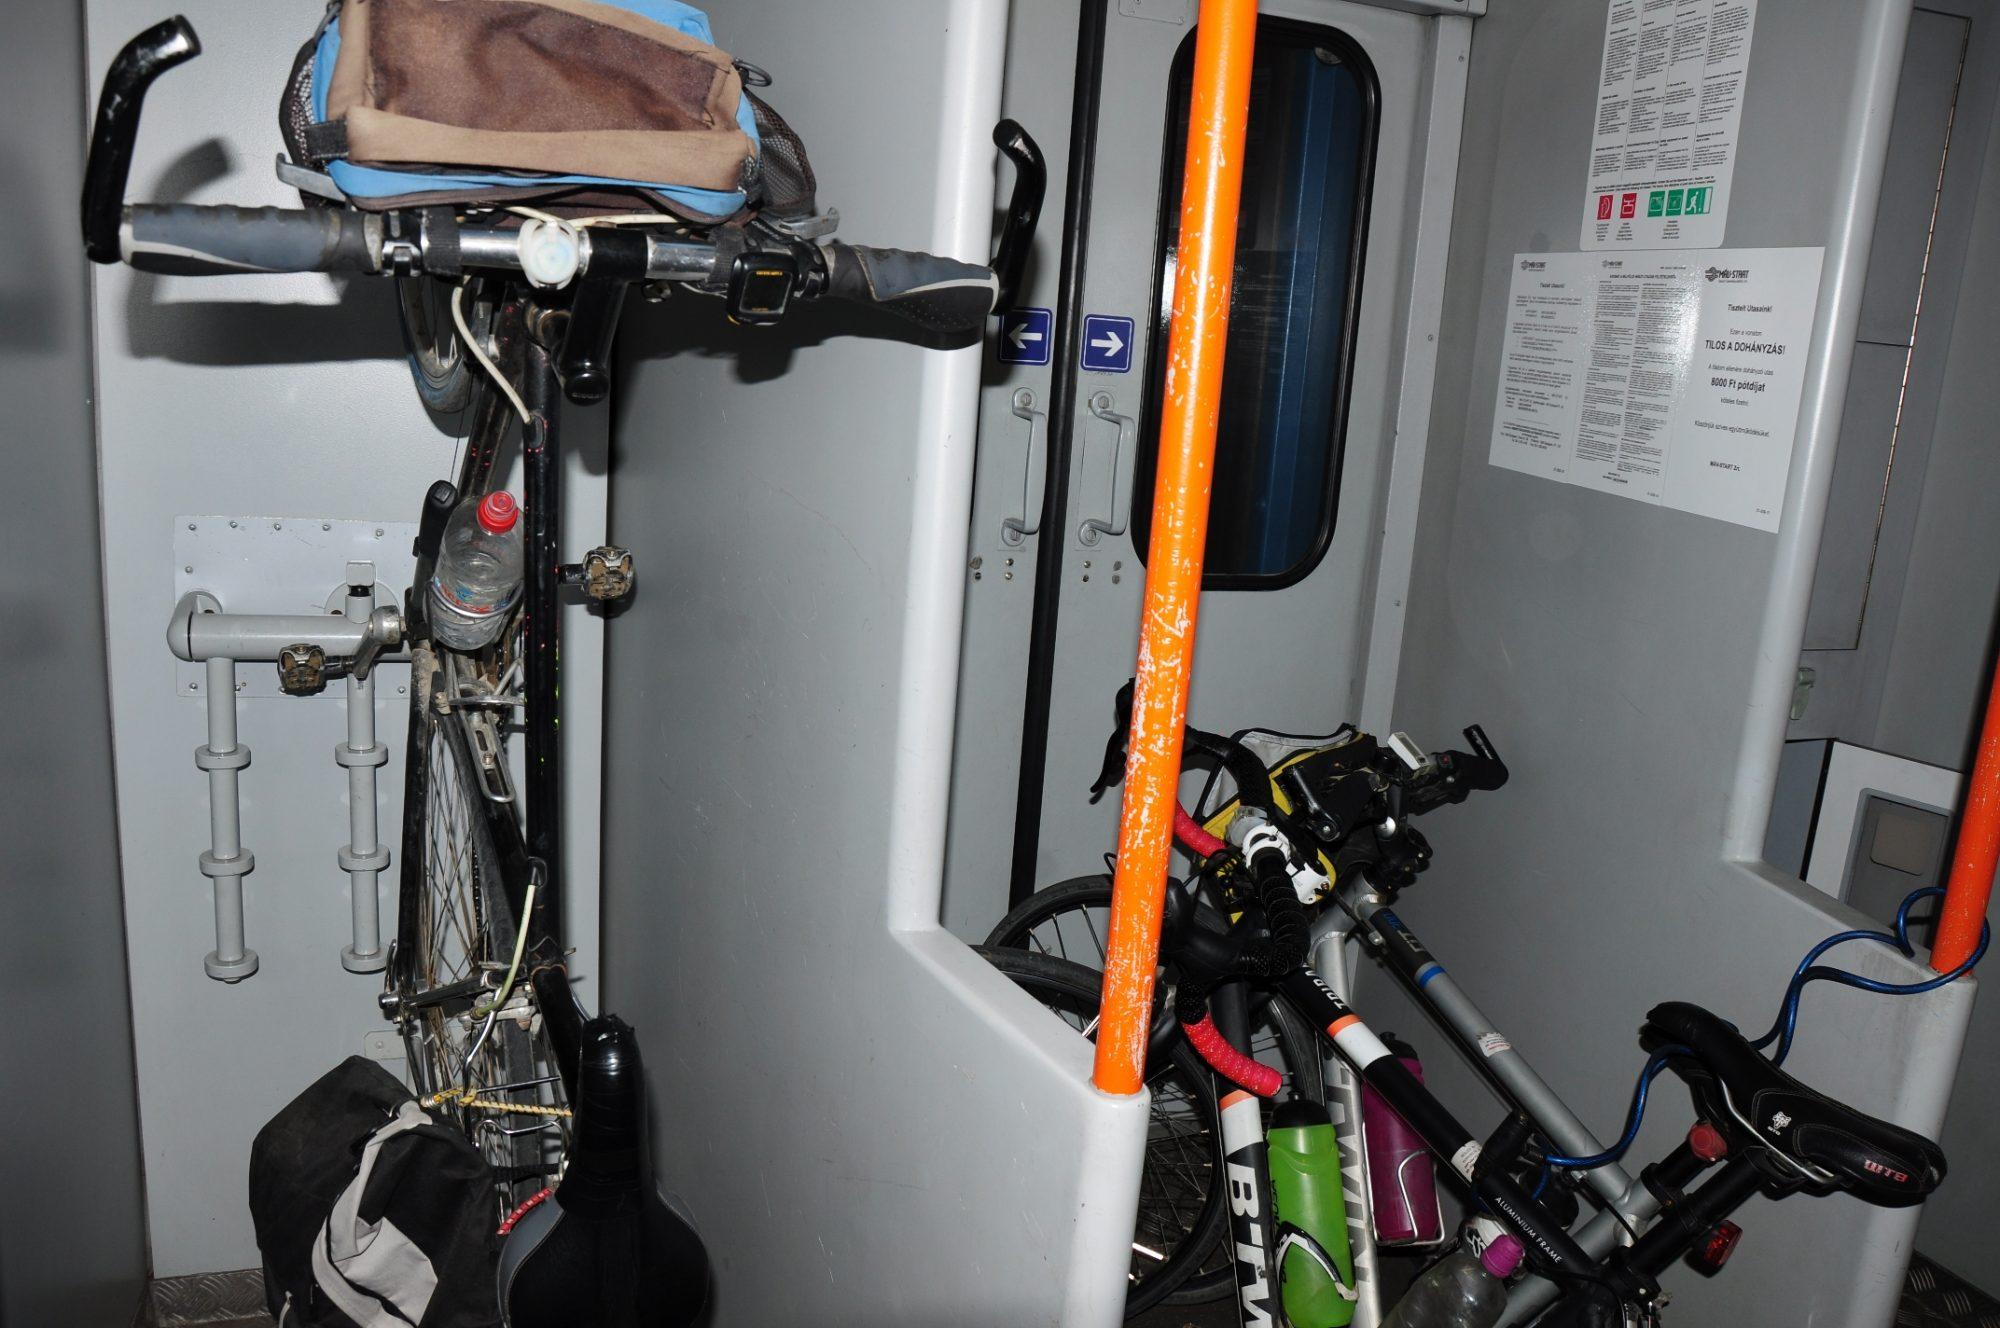 Kerékpár tároló minden kocsi végén